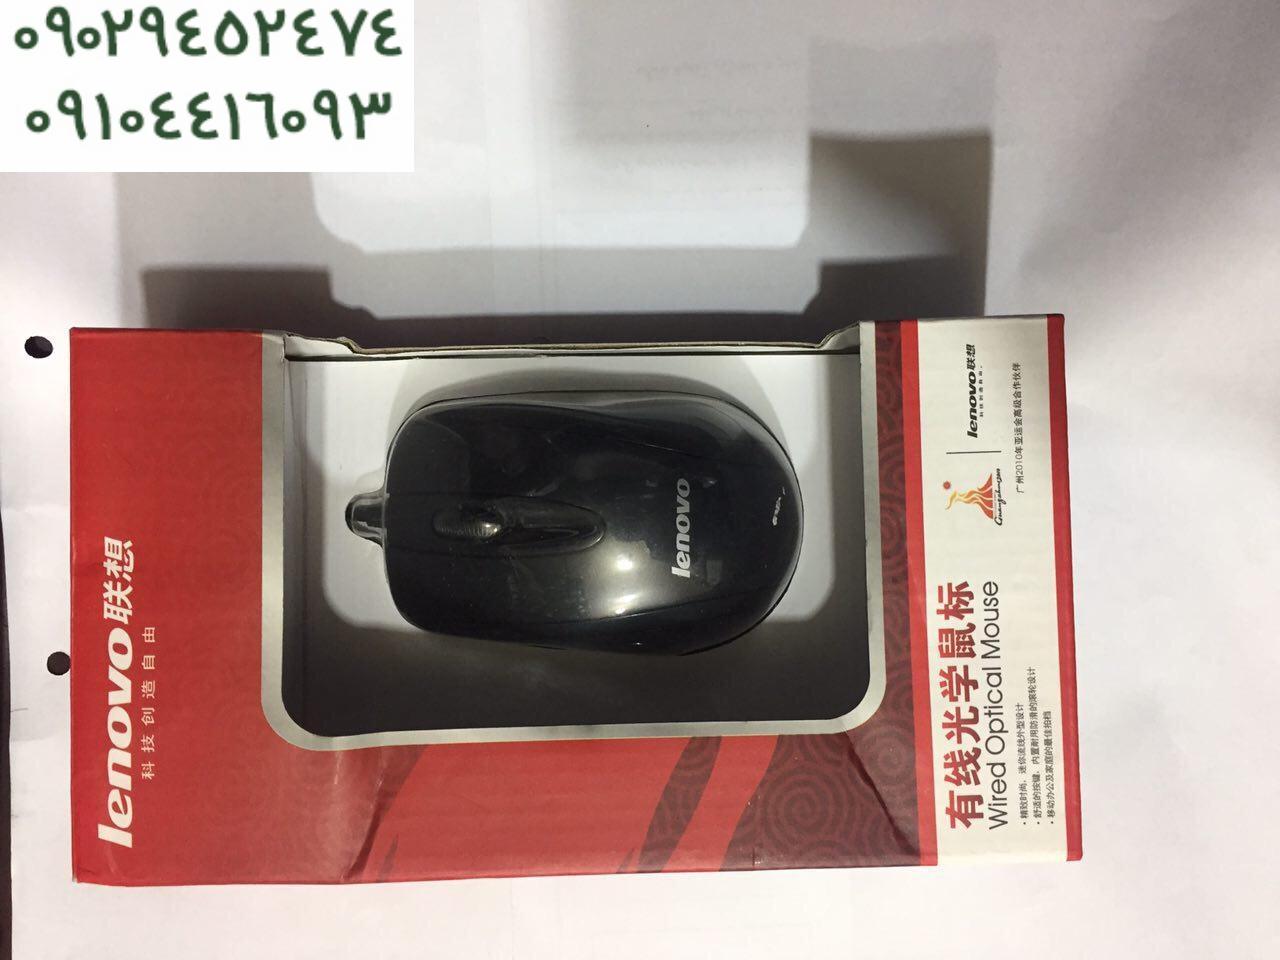 کوچکترین میکروفون شنود جاسوسی داخل ماوس 09104416093